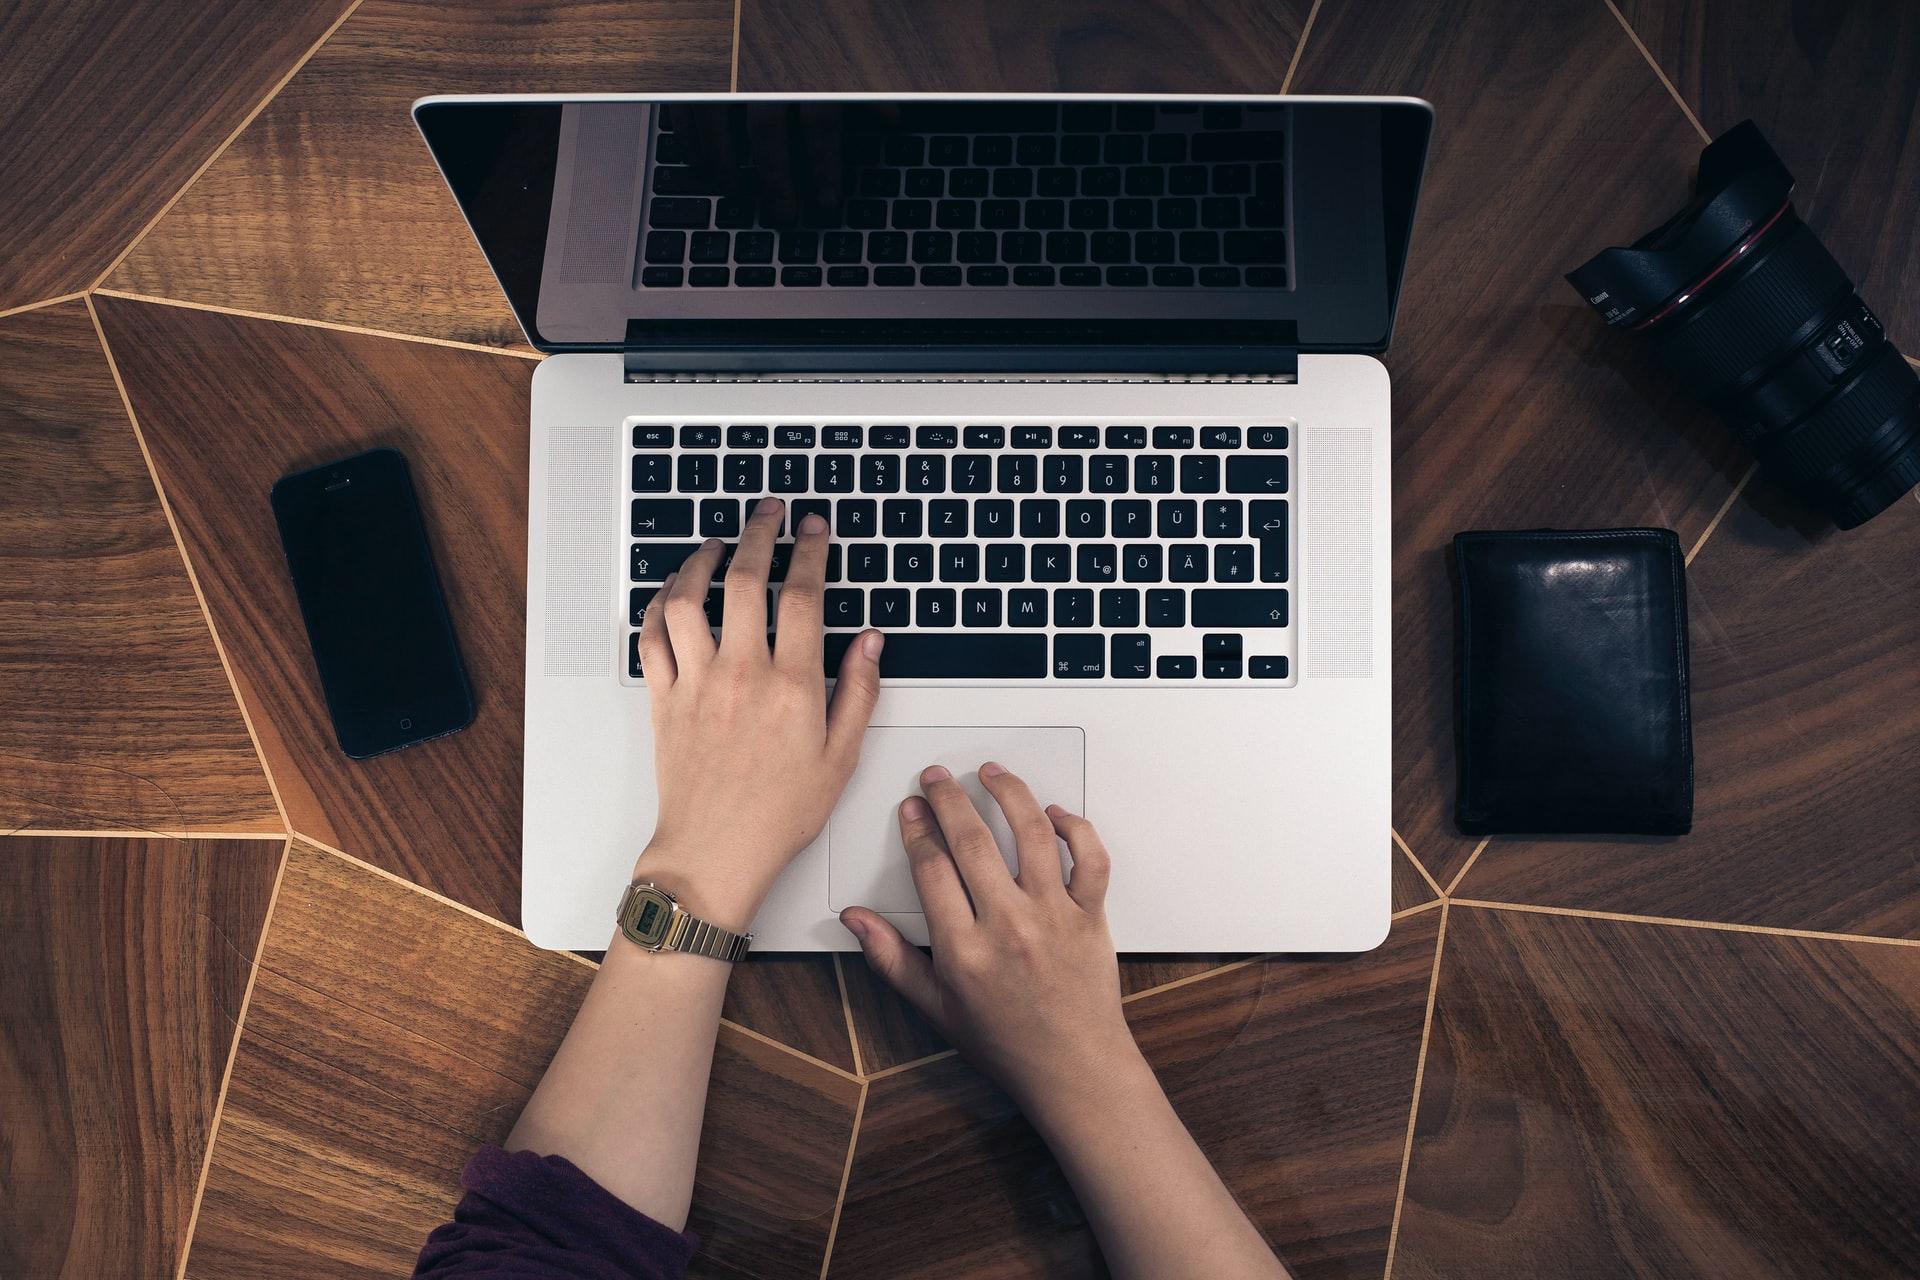 Core Web Vitals(コアウェブバイタル)の指標の1つであるCLSの発生状況をGIFアニメーションで作成してくれるツール「Layout Shift GIF Generator」